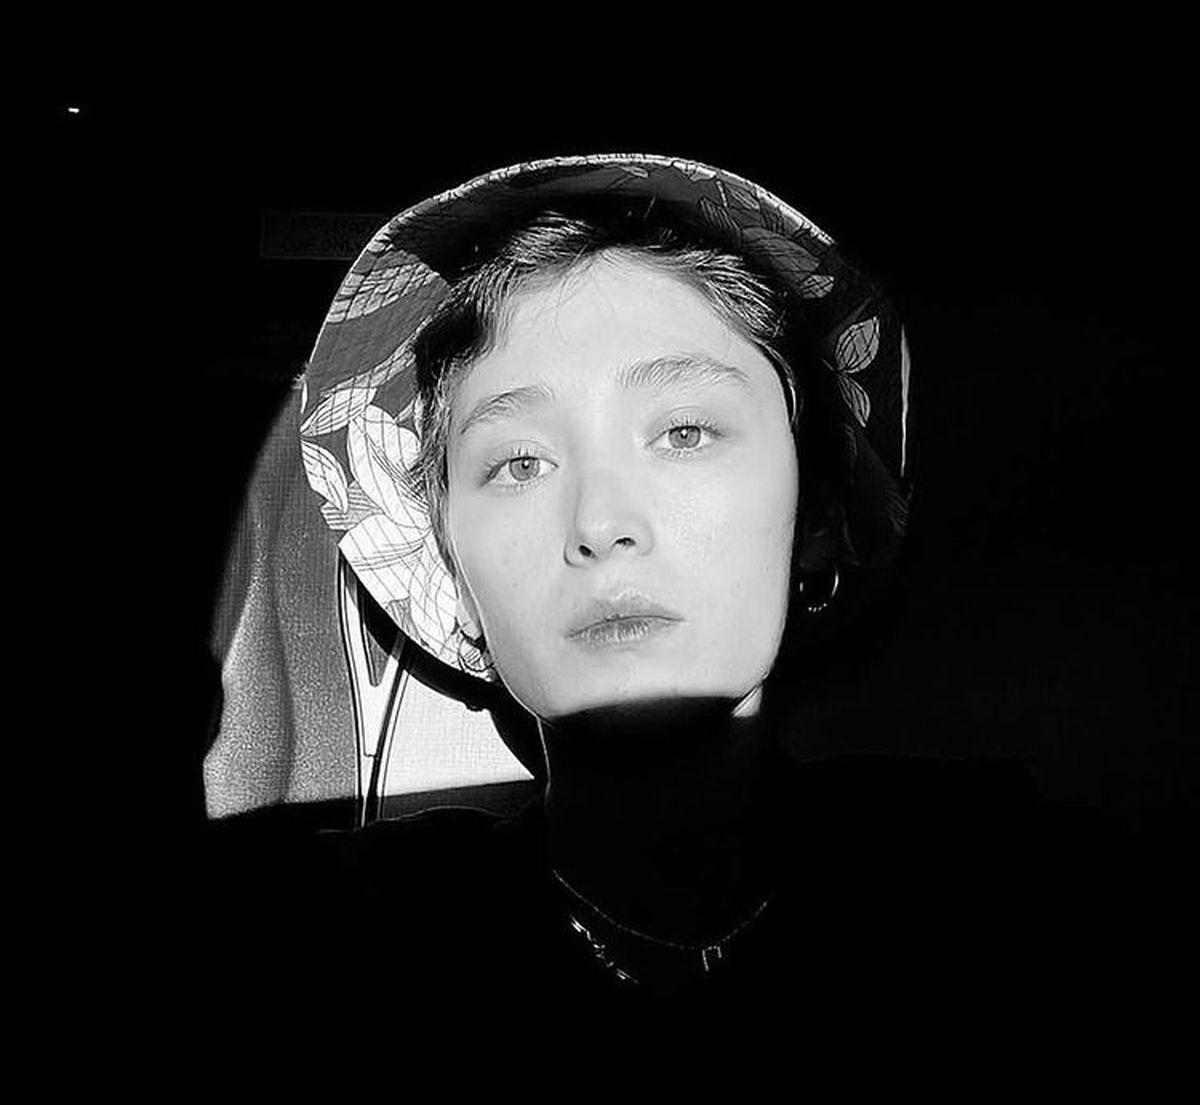 فرشته حسینی در میان تاریکی + عکس